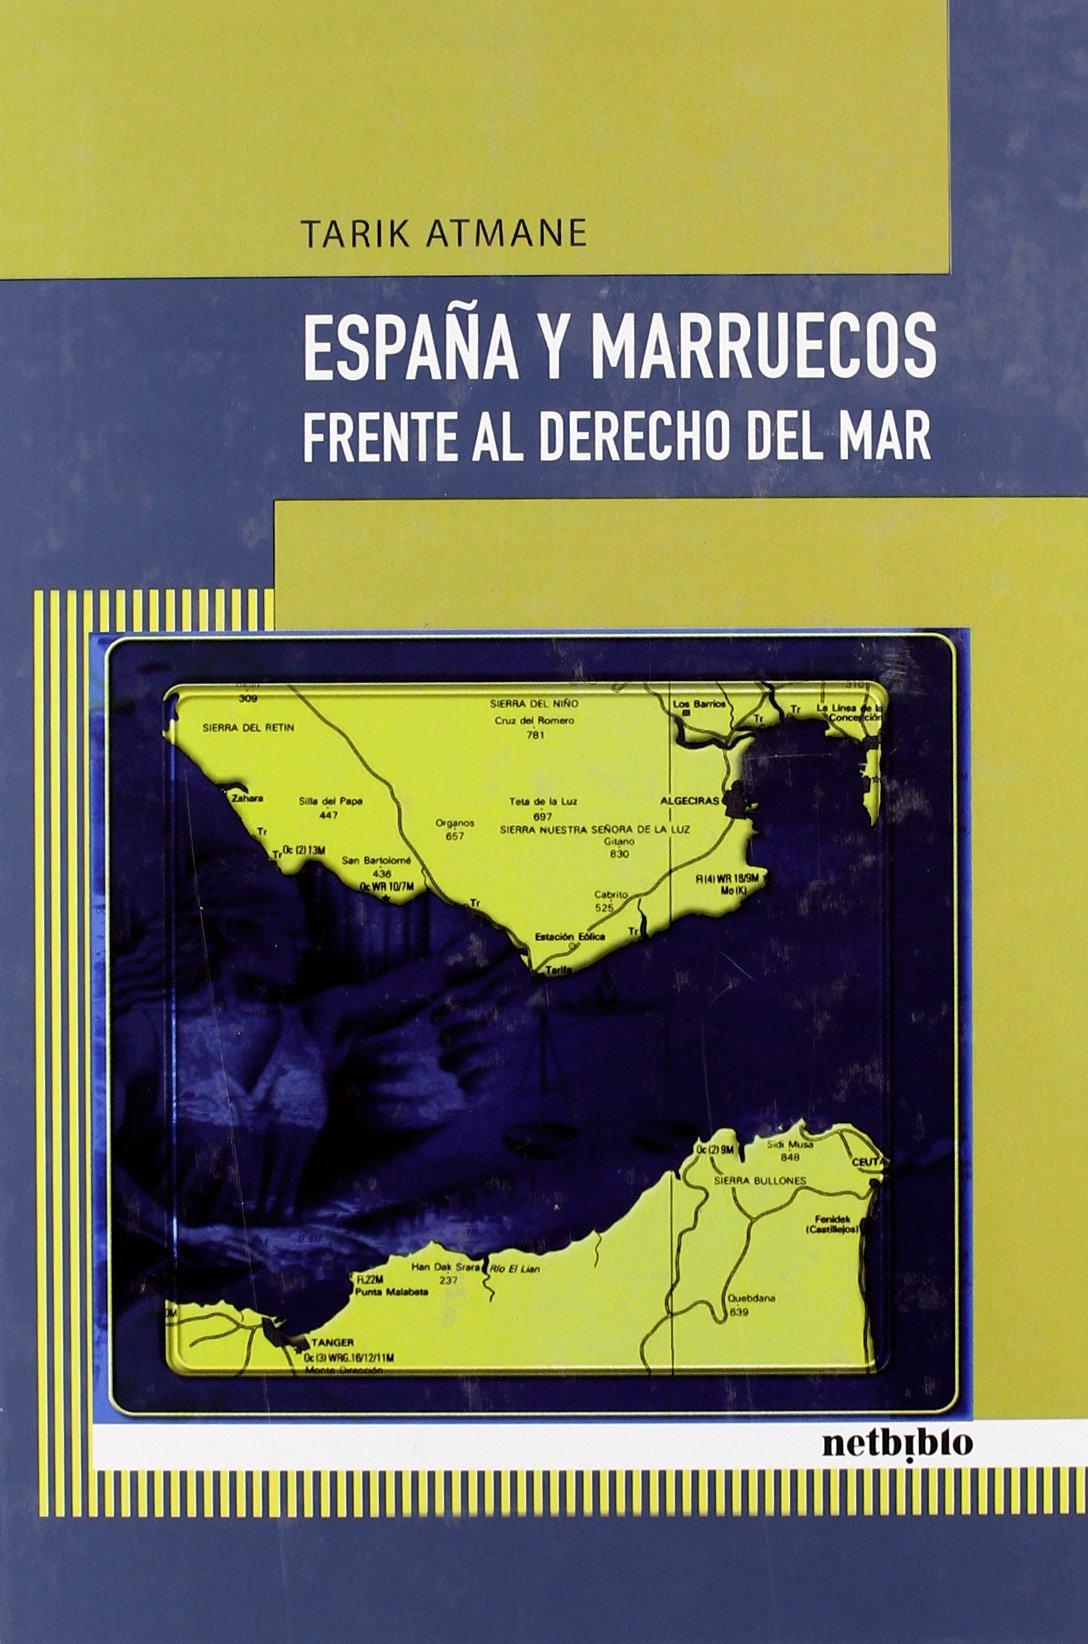 Espa・A Y Marruecos Frente Al Dere (Catálogo General): Amazon.es: Atmane, Tarik: Libros